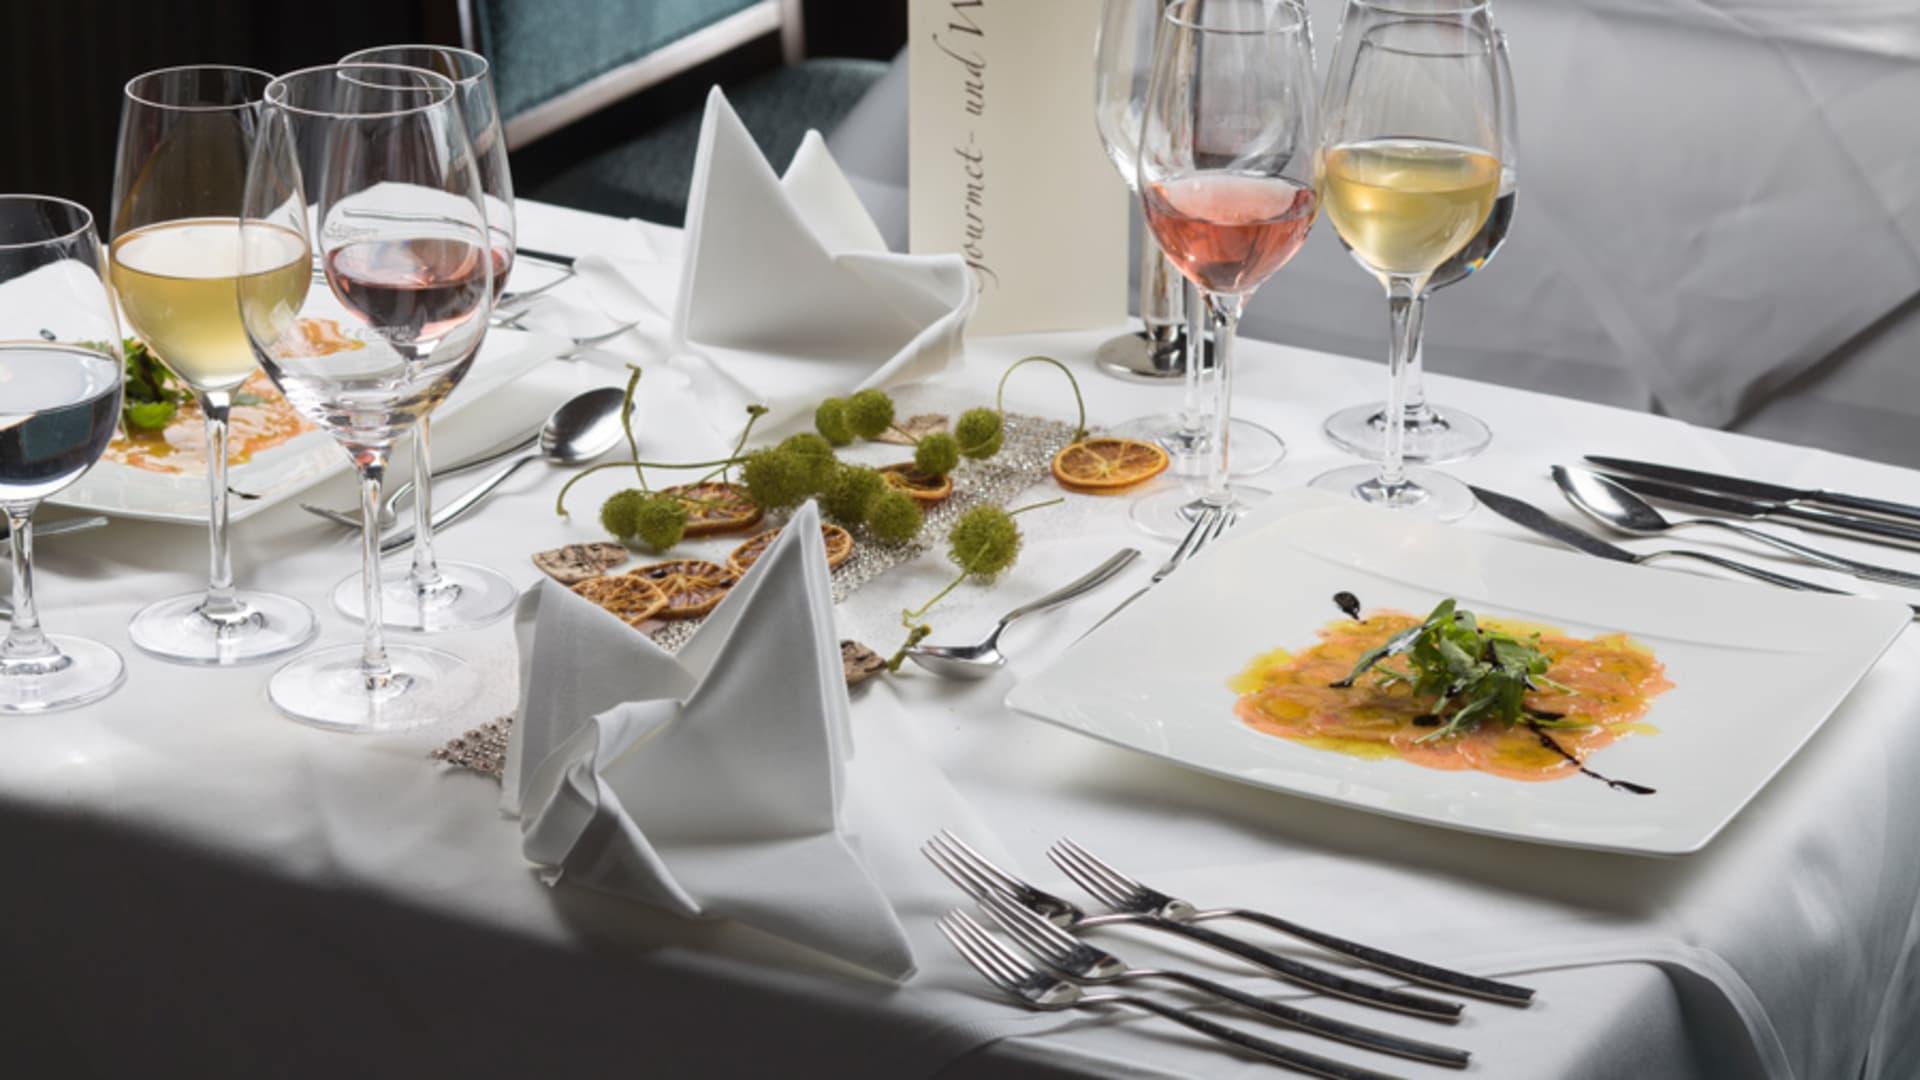 Hochgenuss im Hotel Larimar beim Gourmet- und Weinfestival